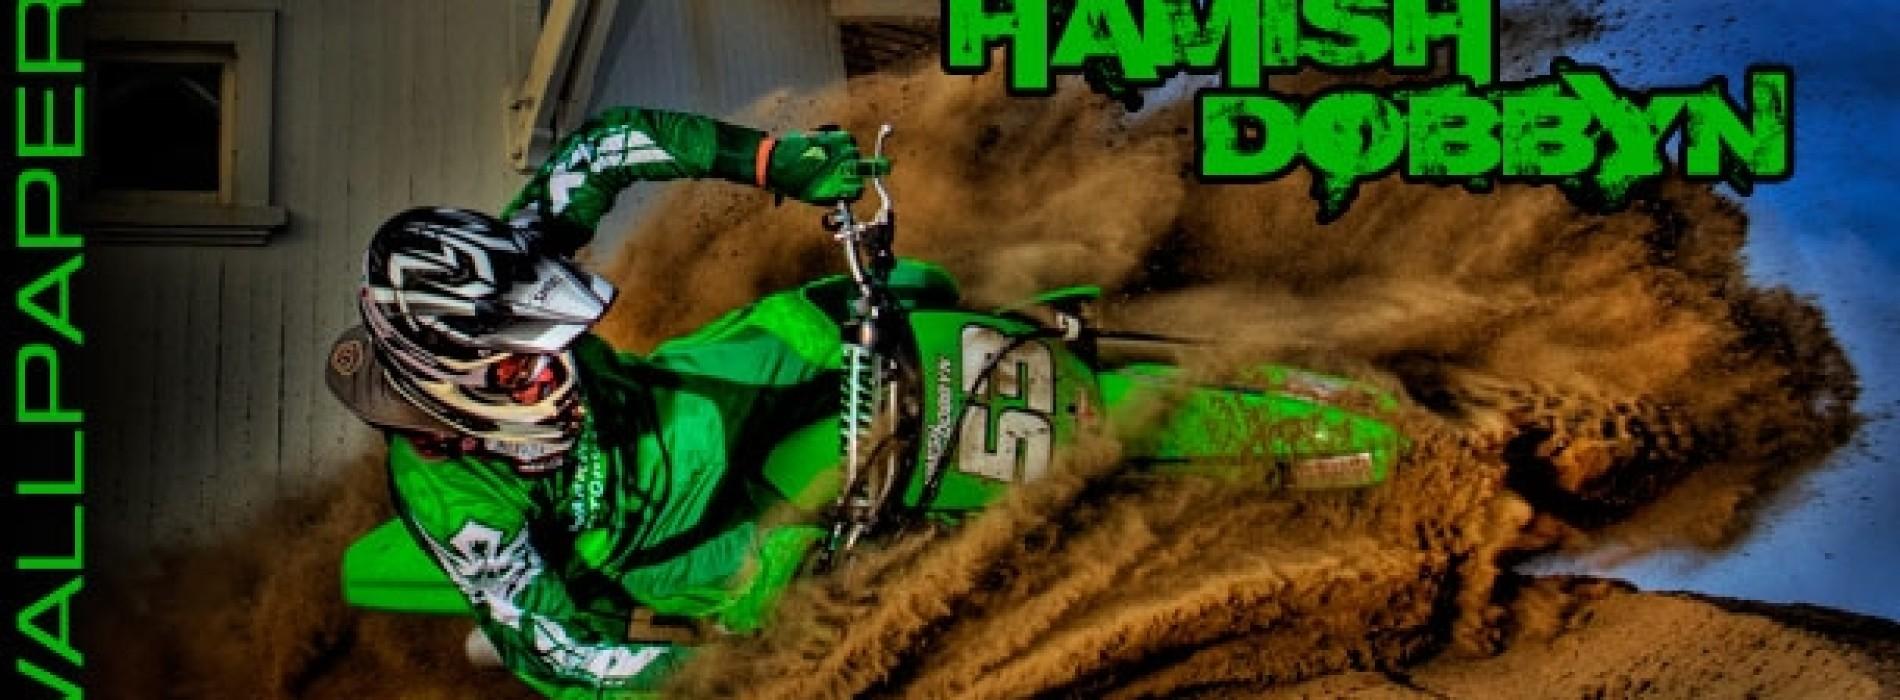 Throwback: 2009 Junior World MX Championship 3rd Hamish Dobbyn